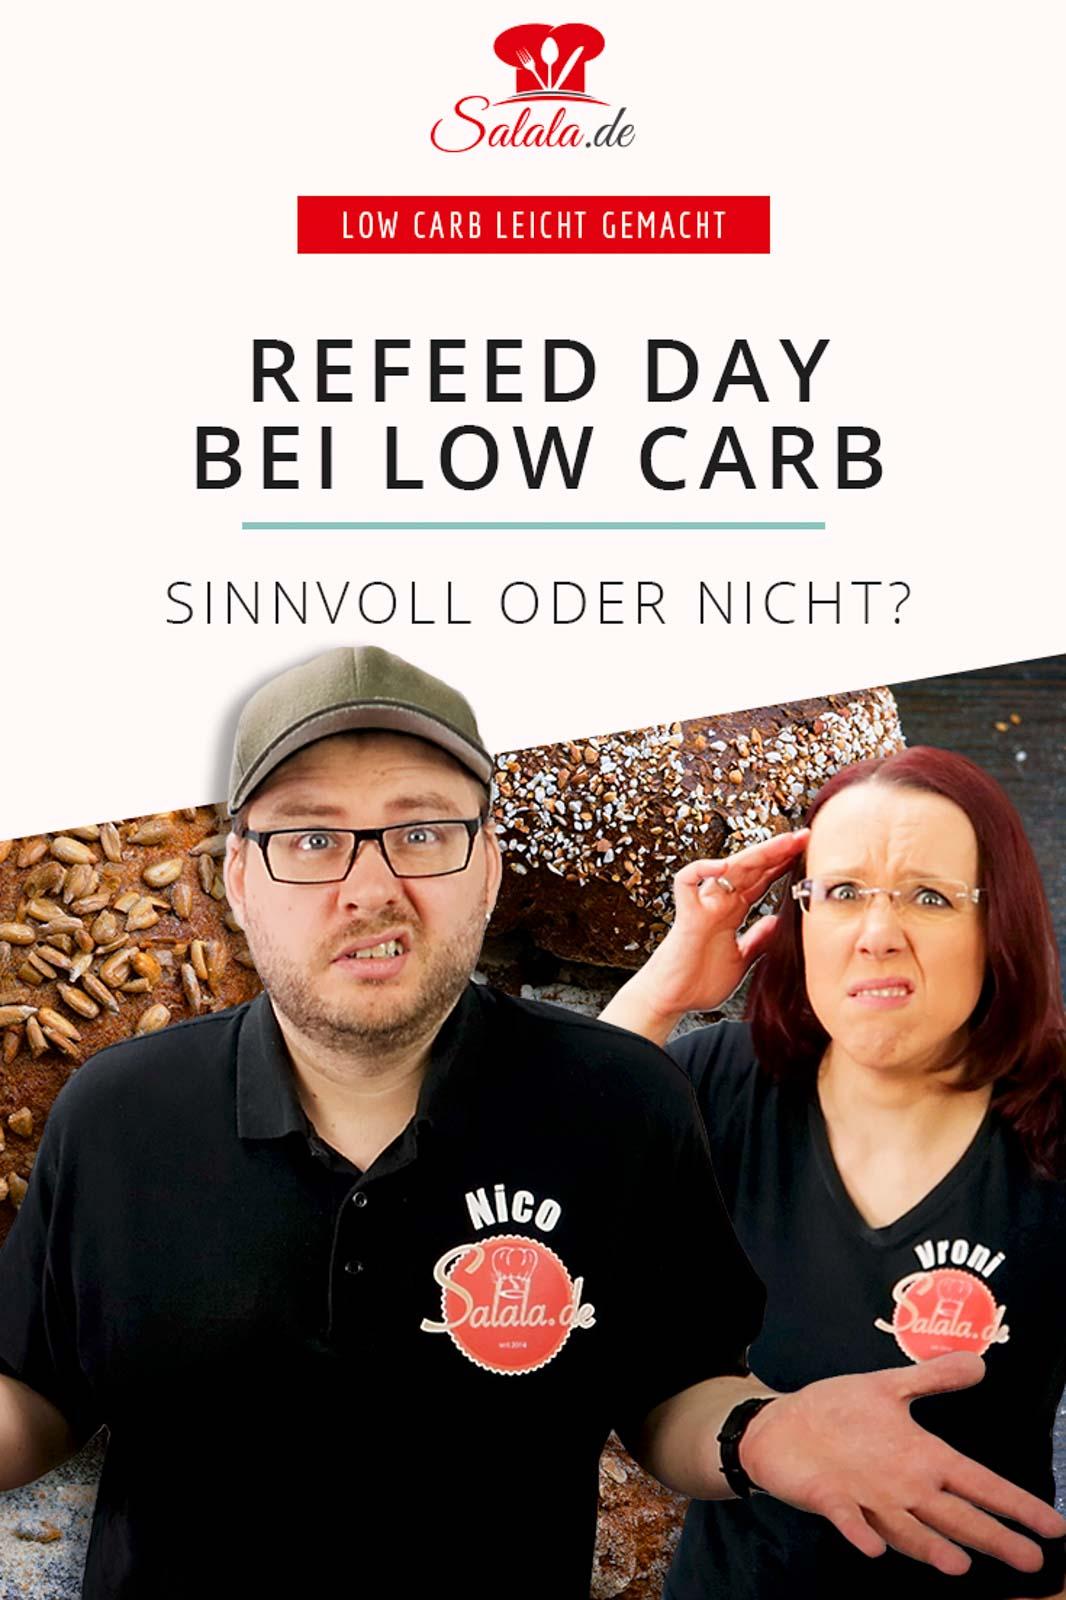 Refeed Day ist ja so ein Ding aus der anaoblen Diät. Es gibt aber einige, die einen Refeed auch bei Keto oder Low Carb empfehlen. Aber ist das wirklich sinnvoll? Und was genau ist der Unterschied zu einem Cheat Day?  #refeed #refeedday #carbloading #cheatday #lowcarb #lowcarbwissen #gesundekohlenhydrate #keto #ketorefeed